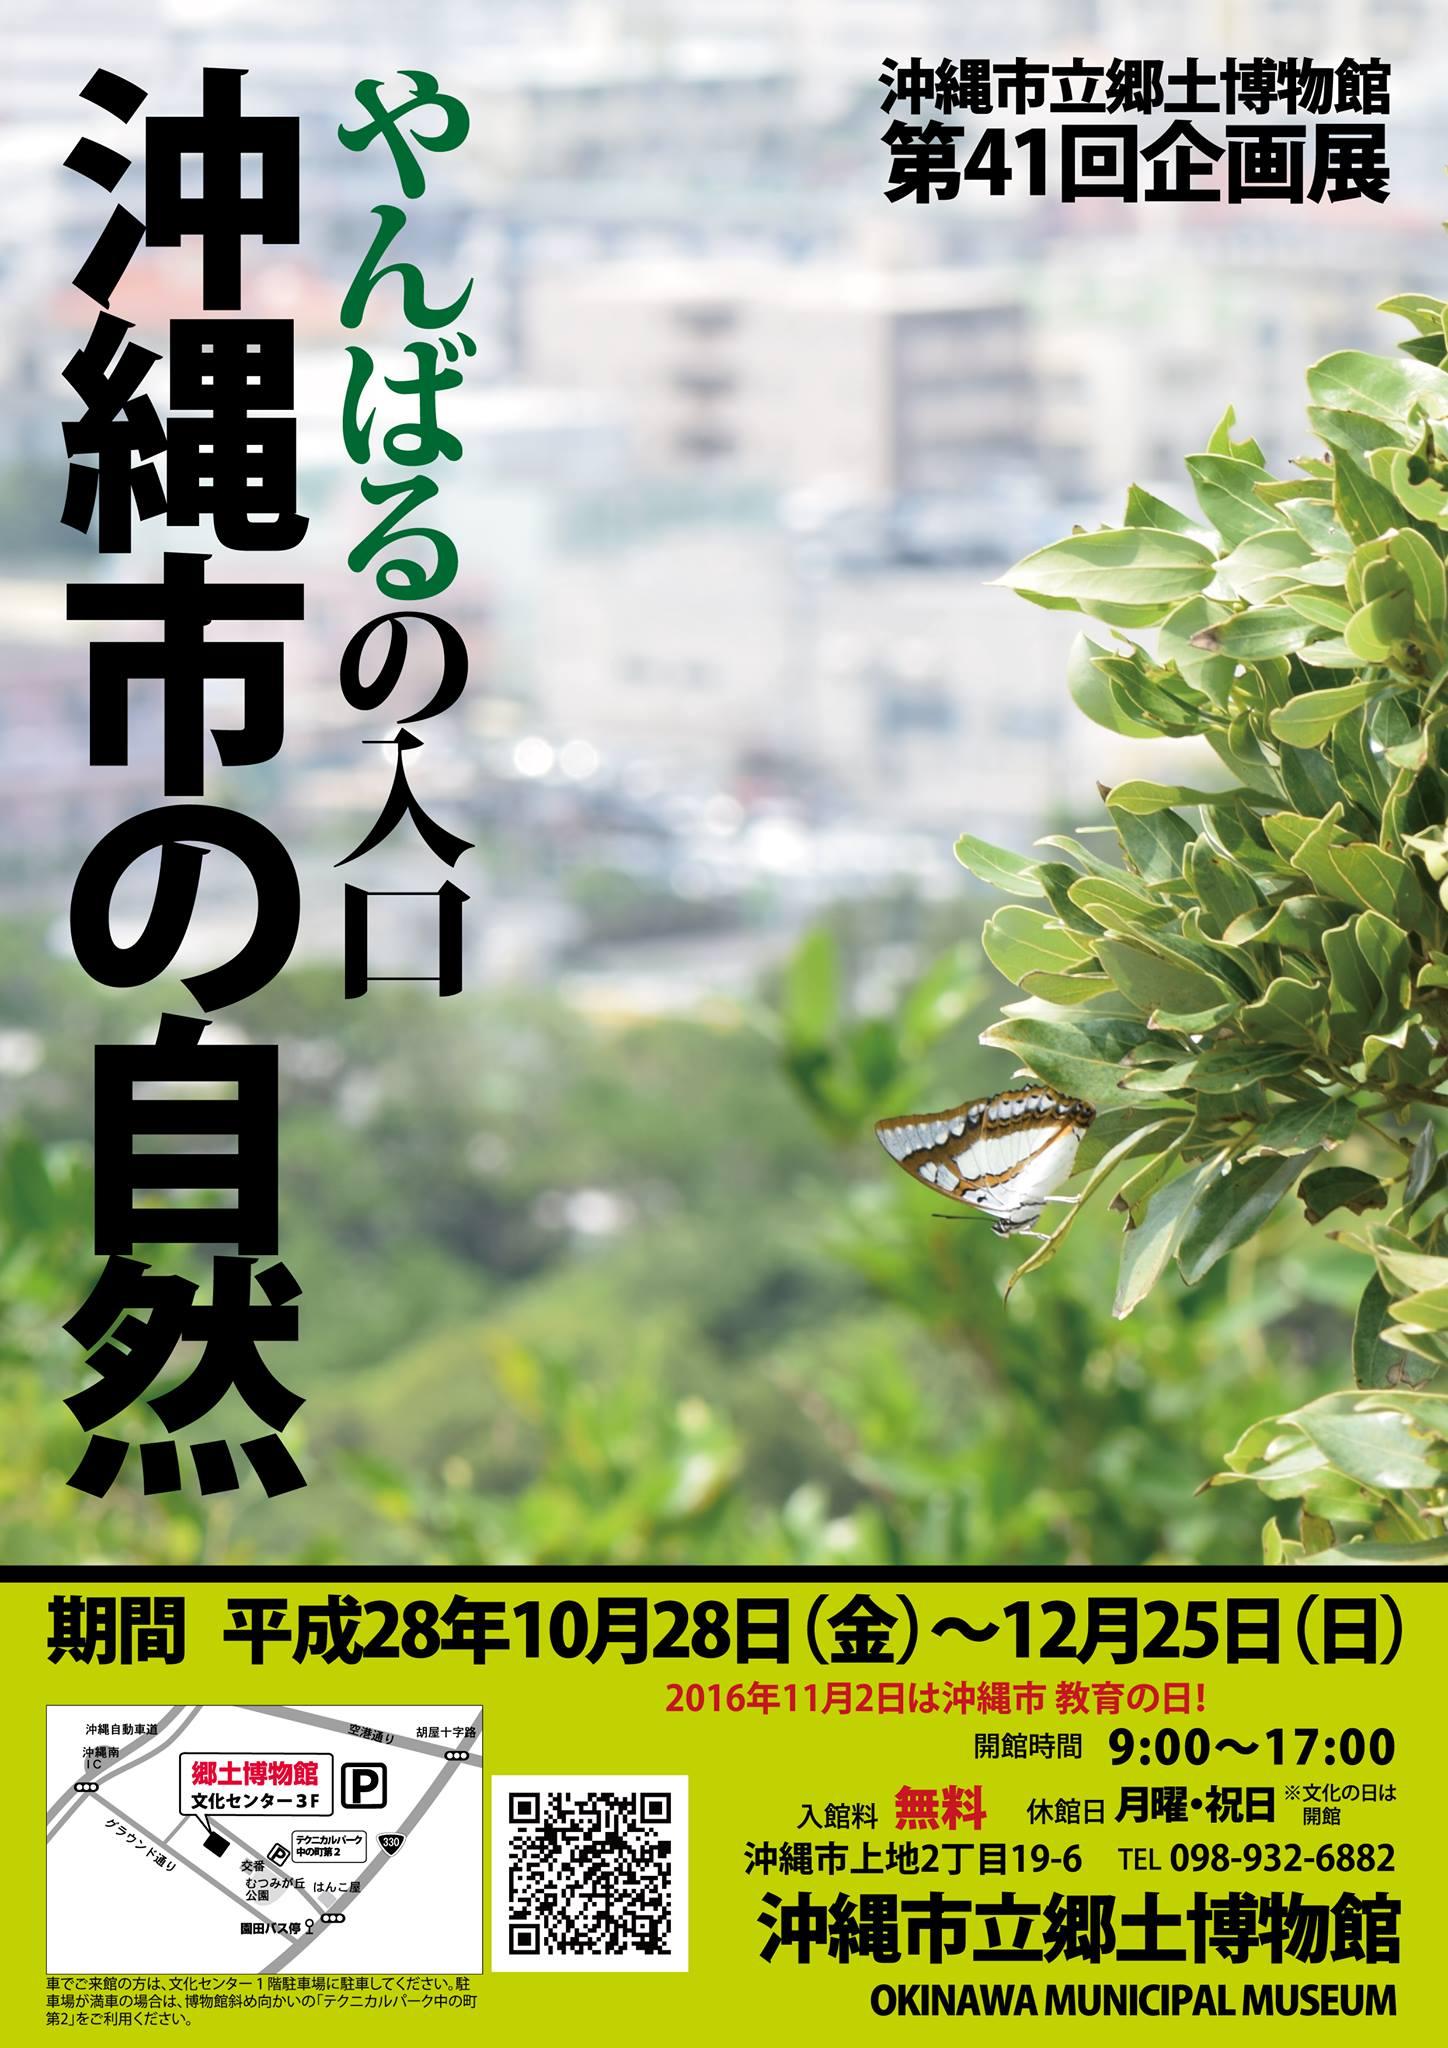 沖縄市はやんばるの入り口?!トークイベントに行ってきました。